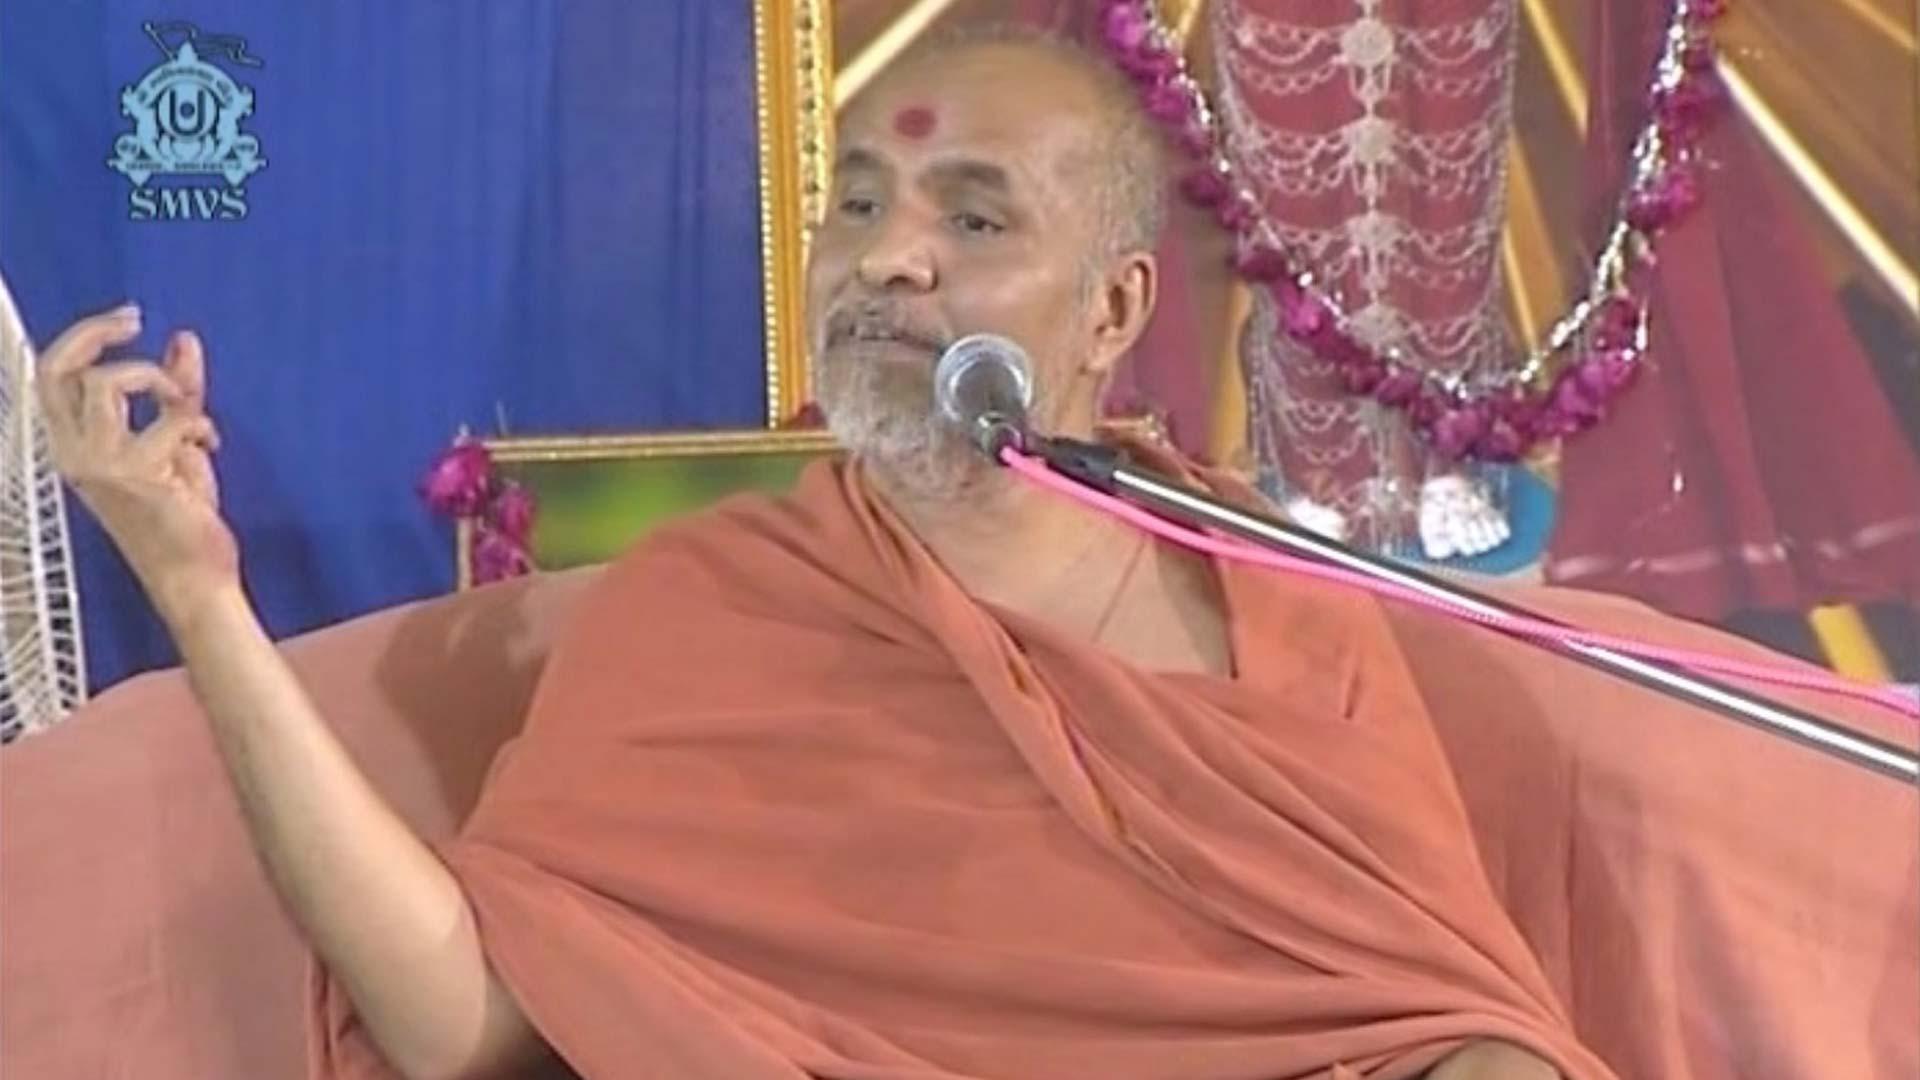 Satsangma Ahankar Ghatadva Avie Chhie